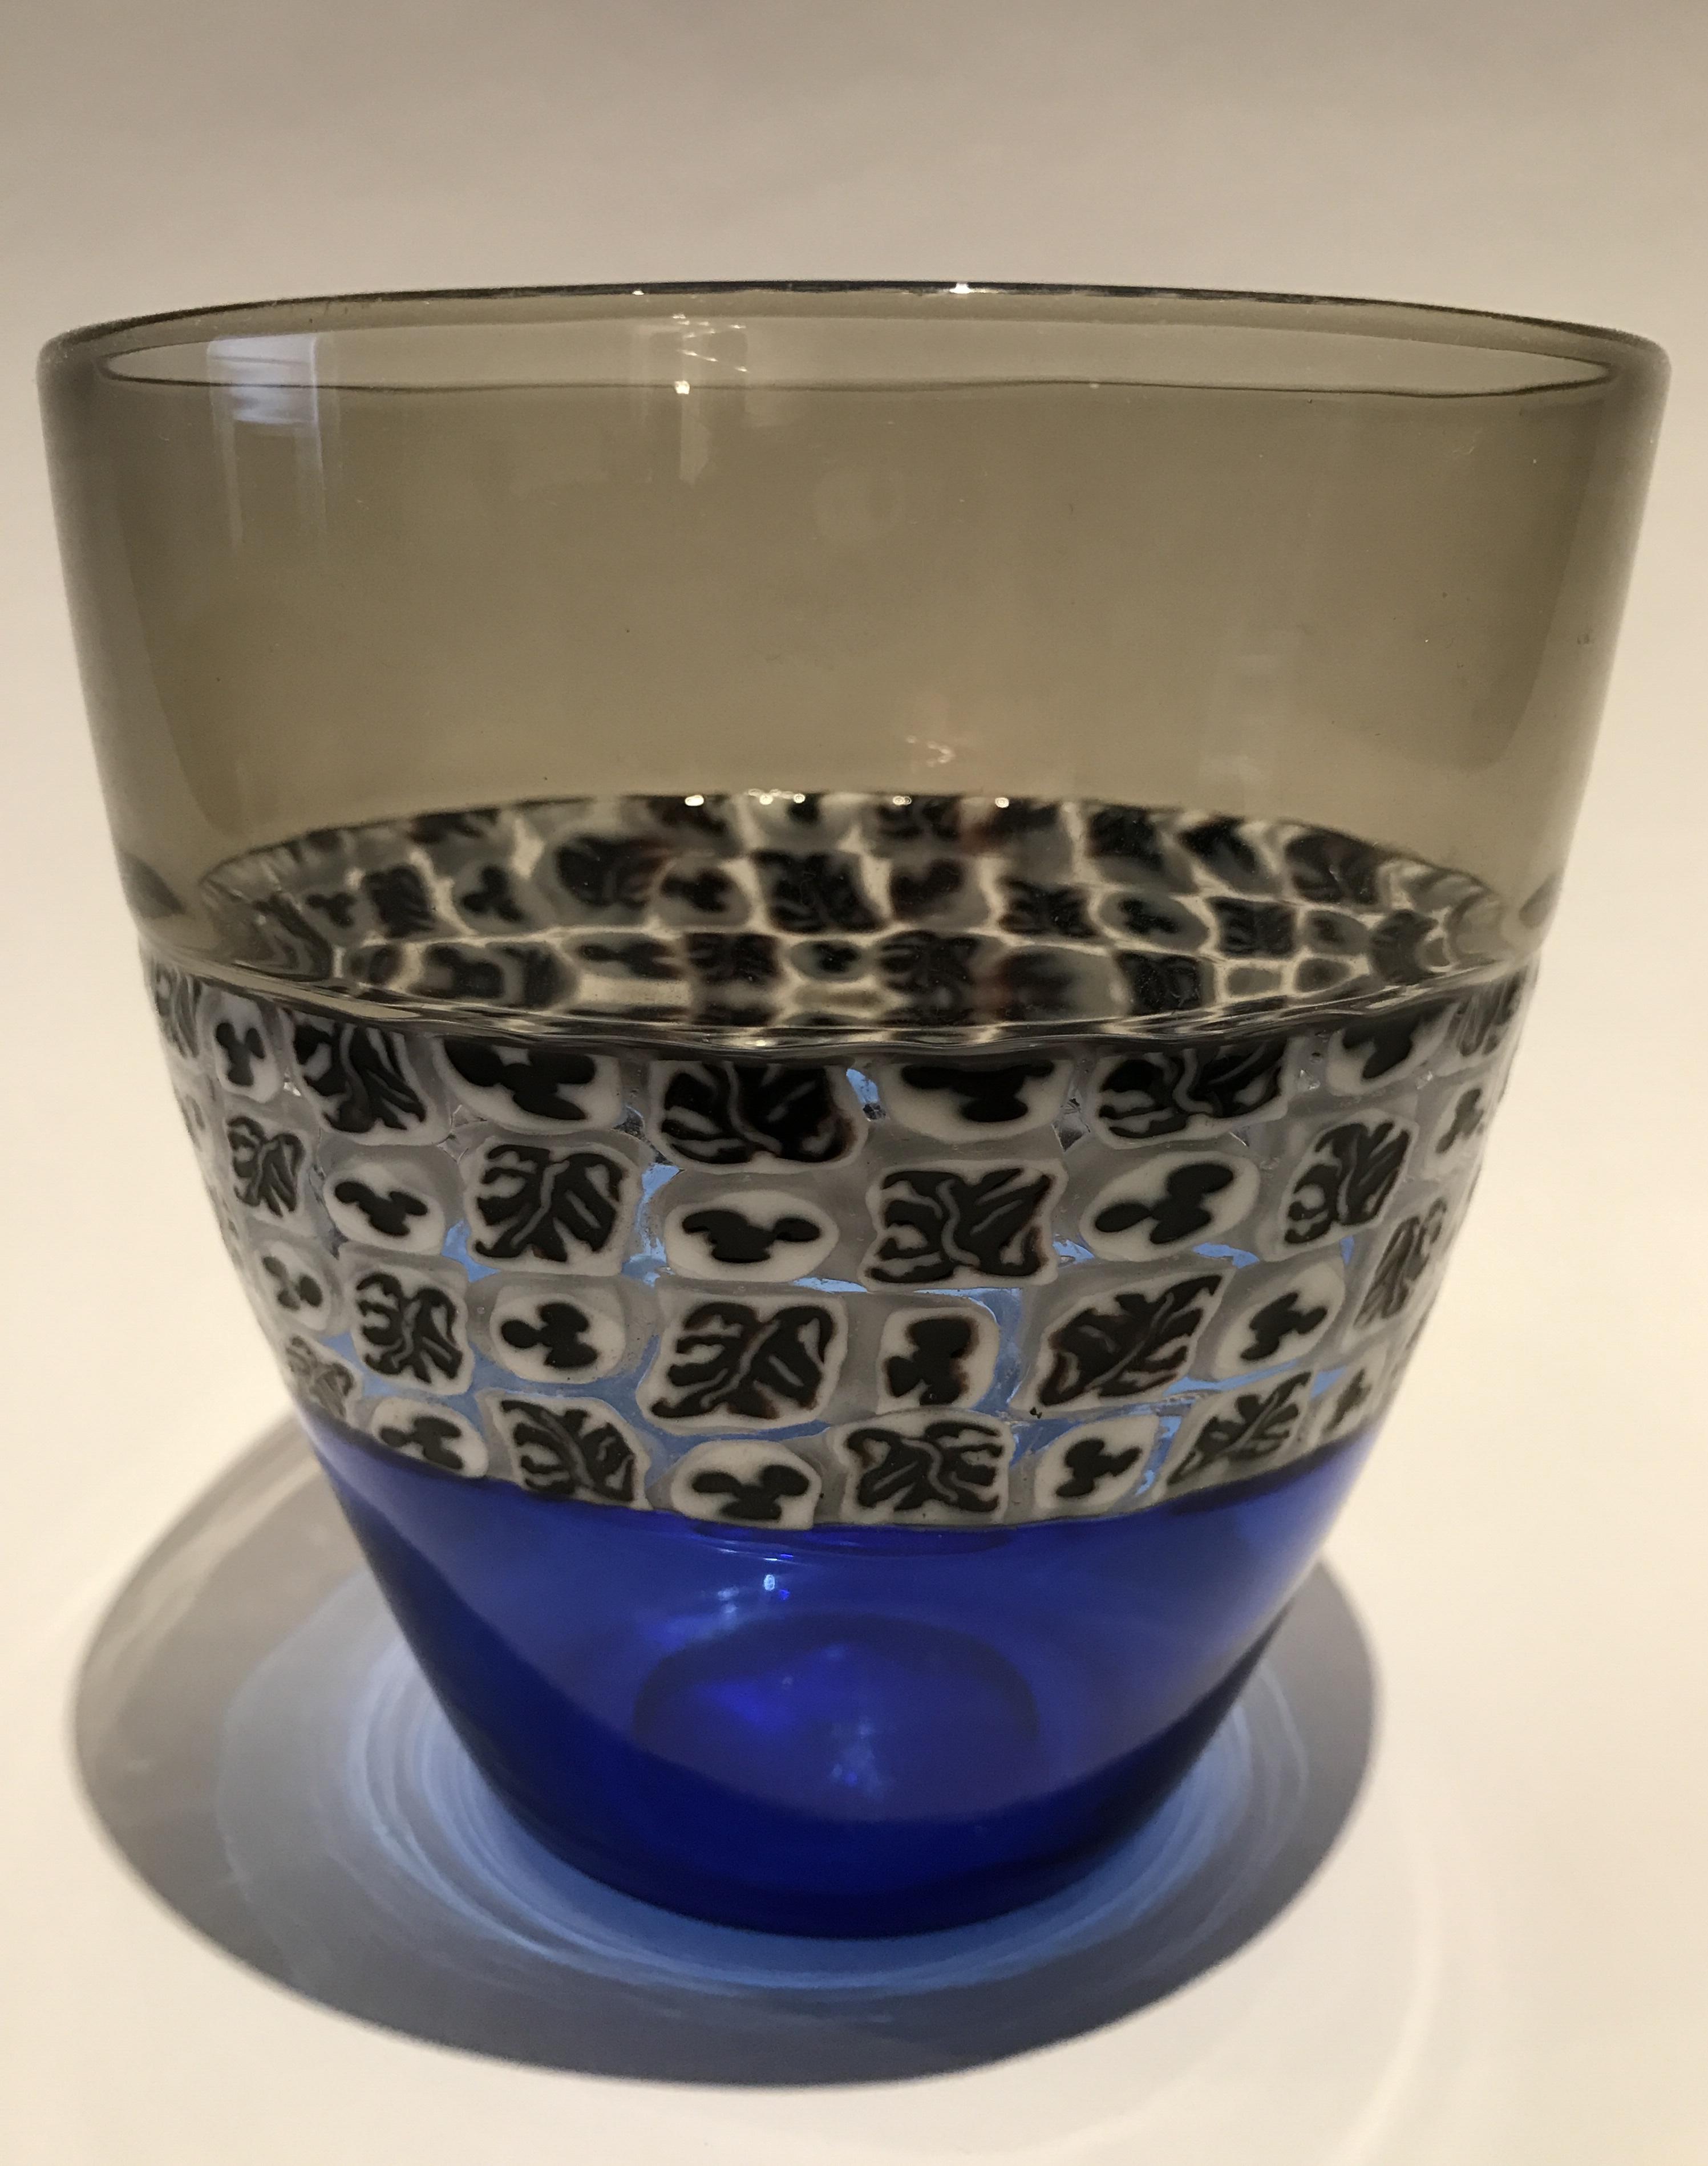 A Riccardo Licata Doppio Incalmo Venini Vase, circa 1955, at Glass Past.